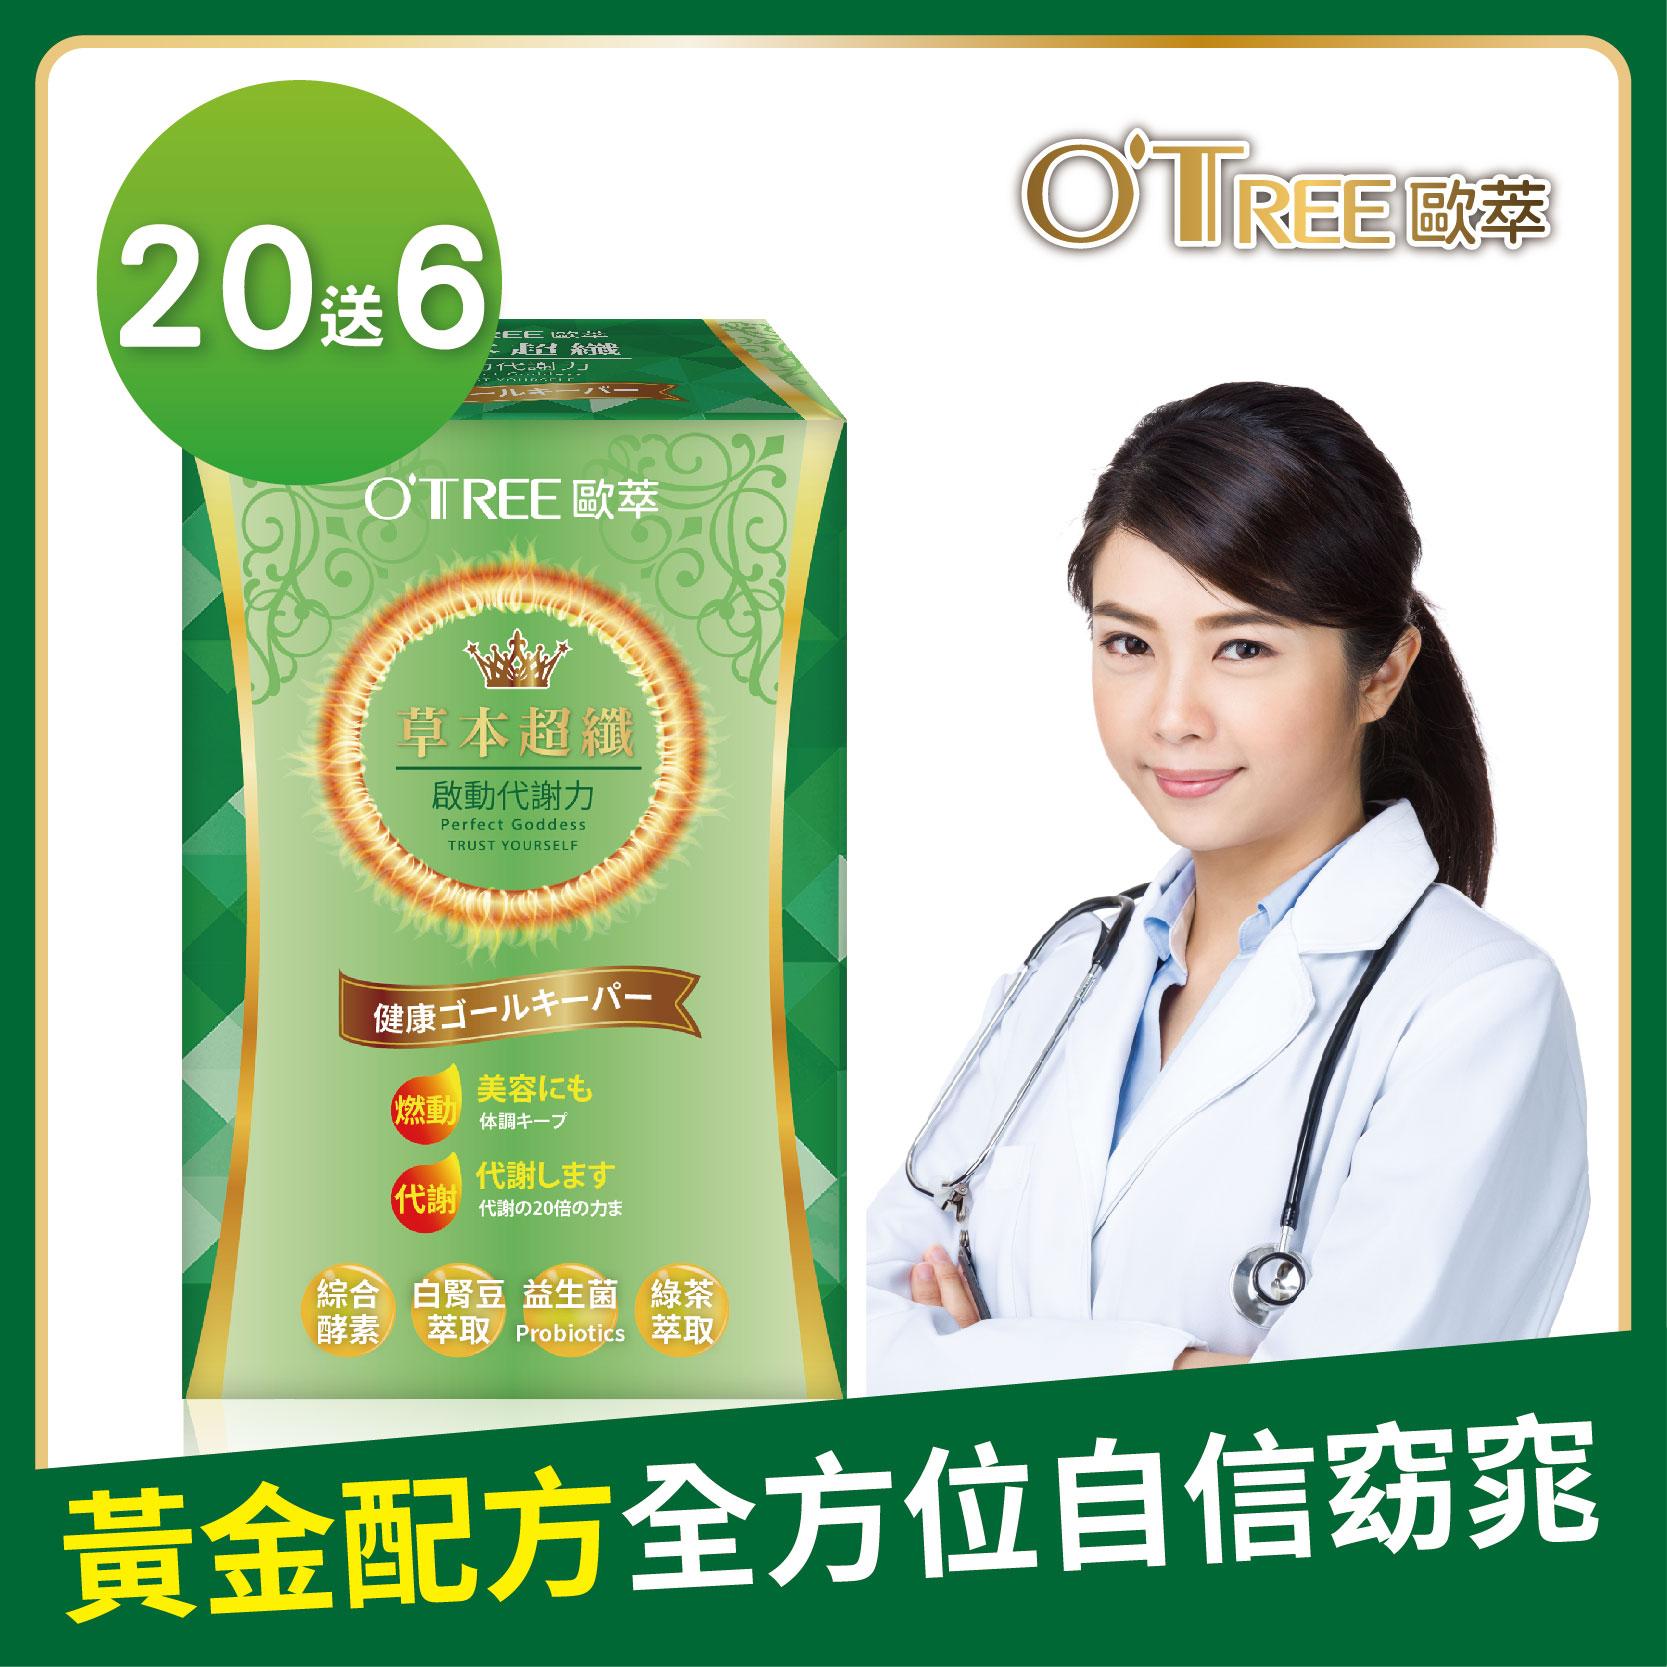 【歐萃OTREE】草本超纖膠囊(20盒)